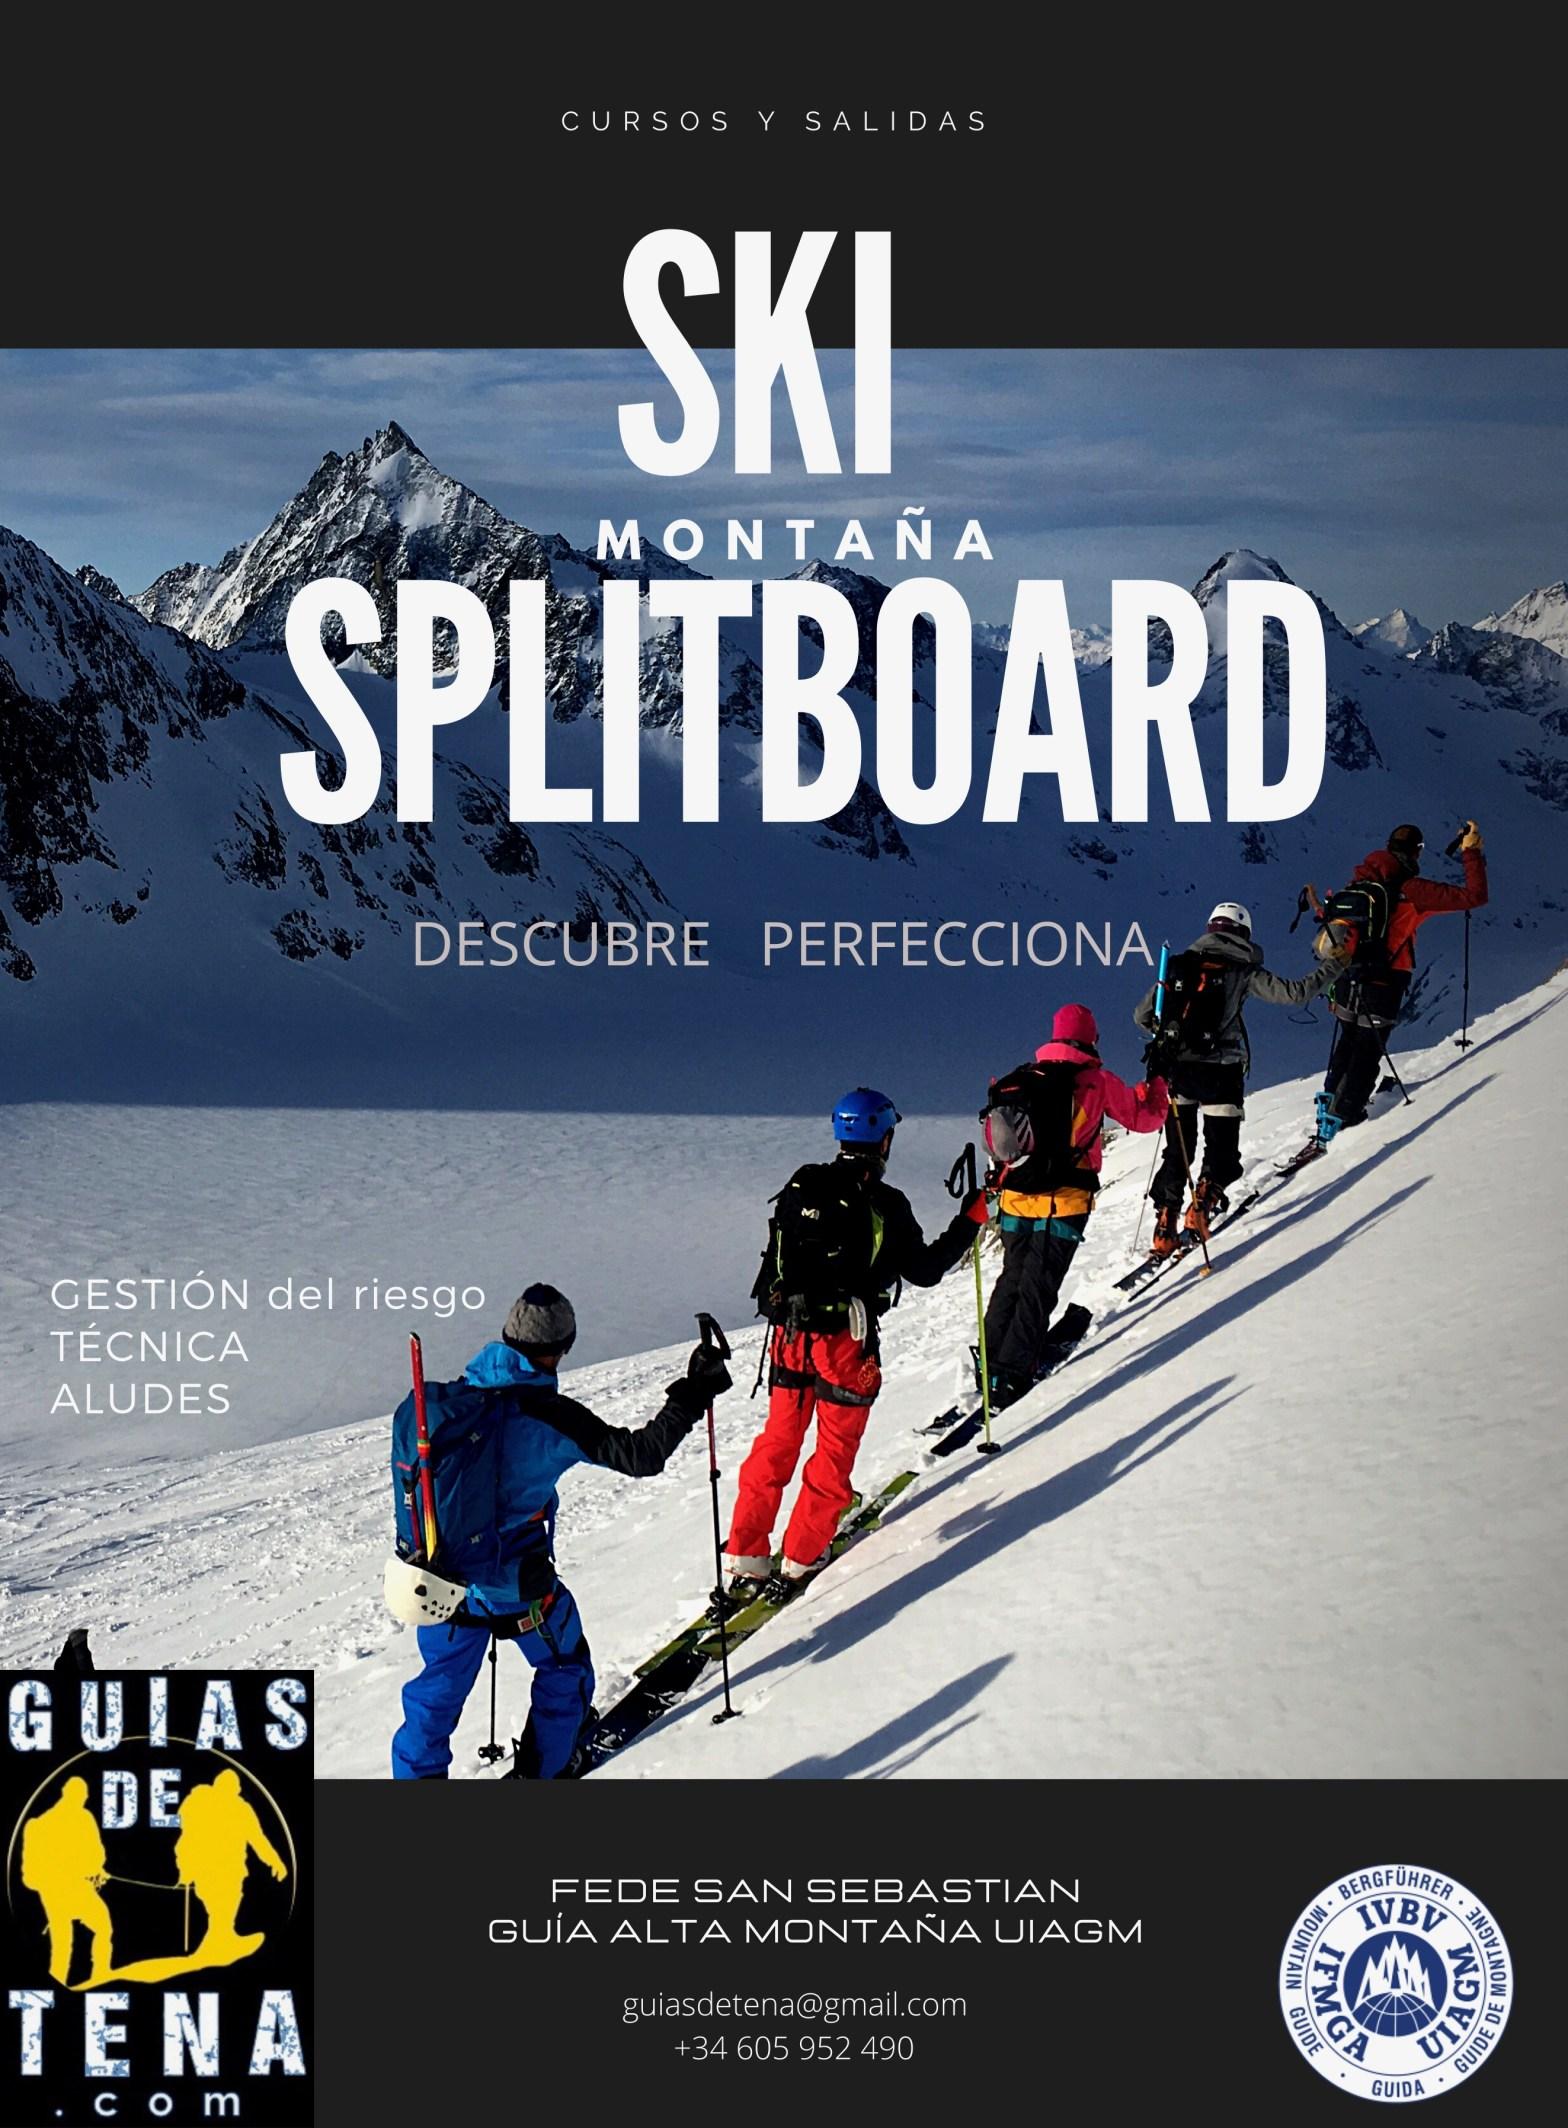 Cursos y salidas guiadas esquí de montaña y splitboard pirineos